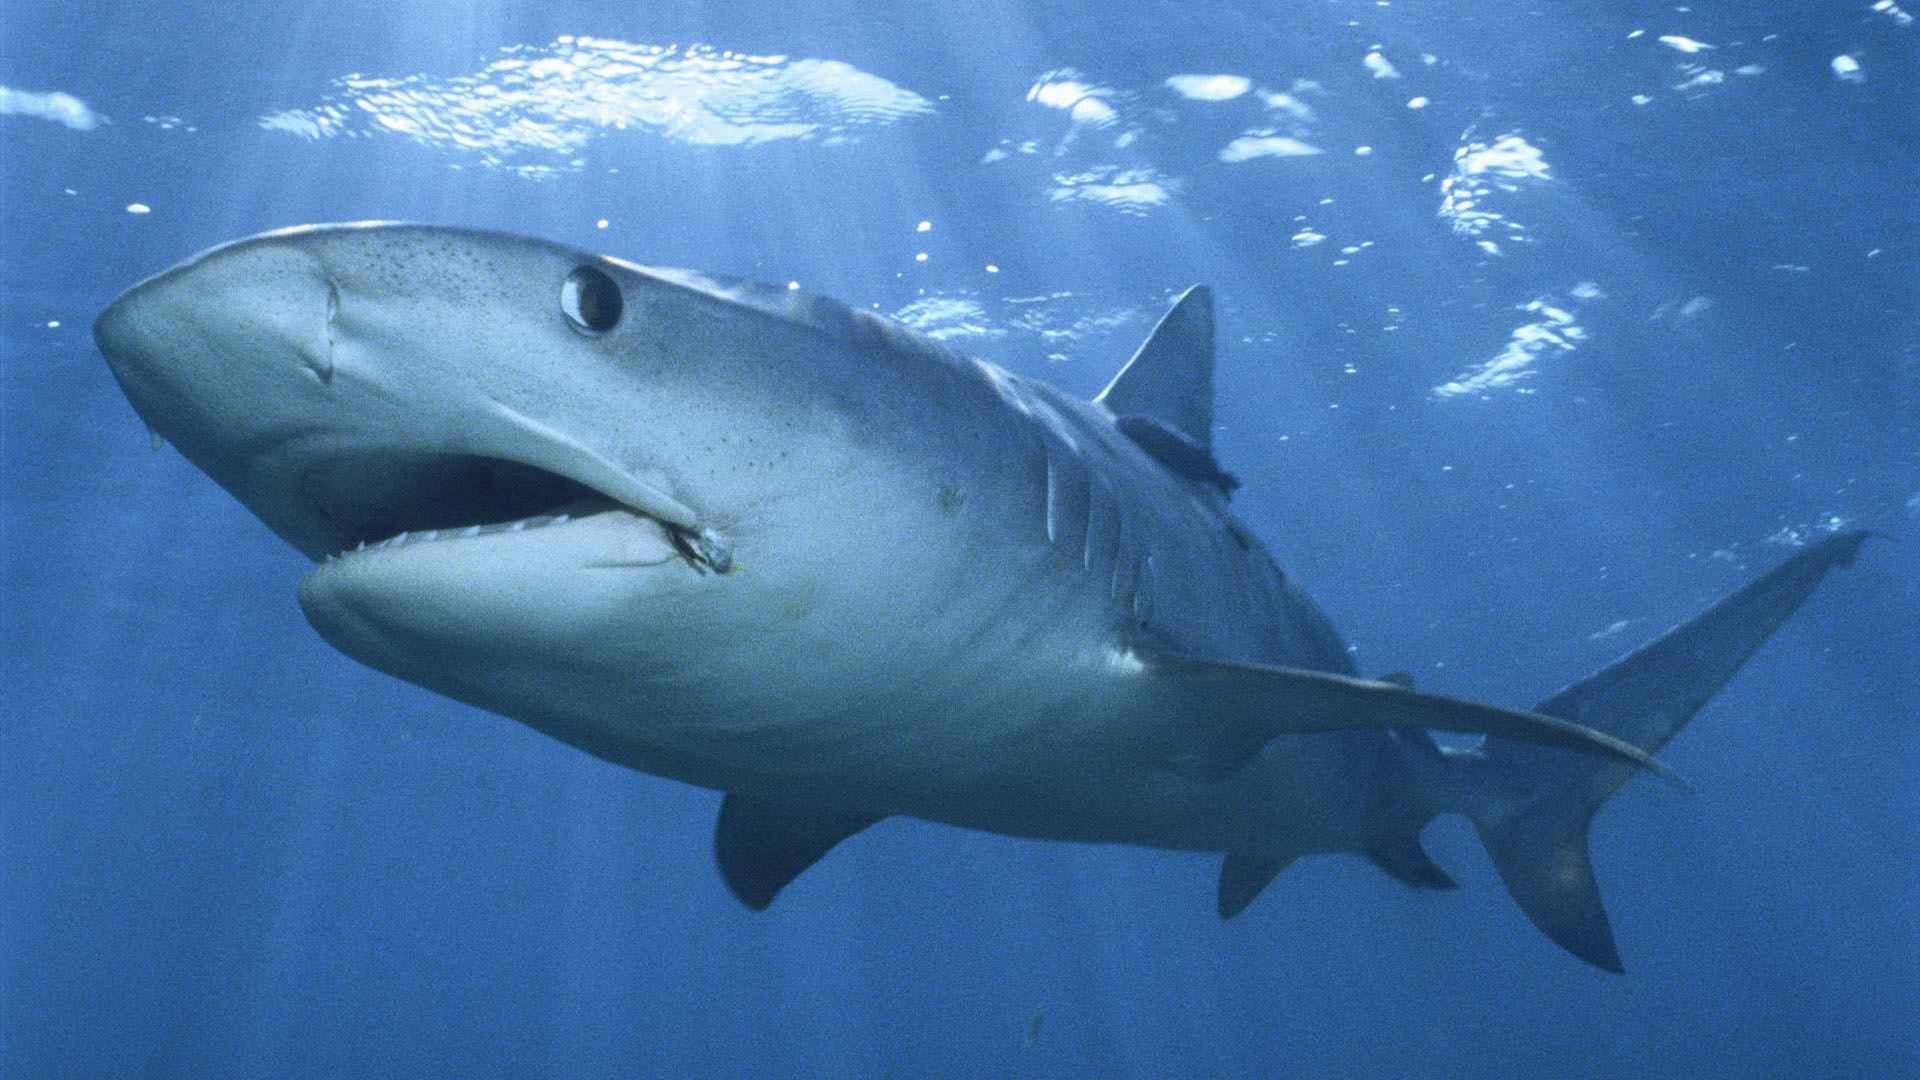 鯊魚-無魚鰾,為了生存反成海洋霸主